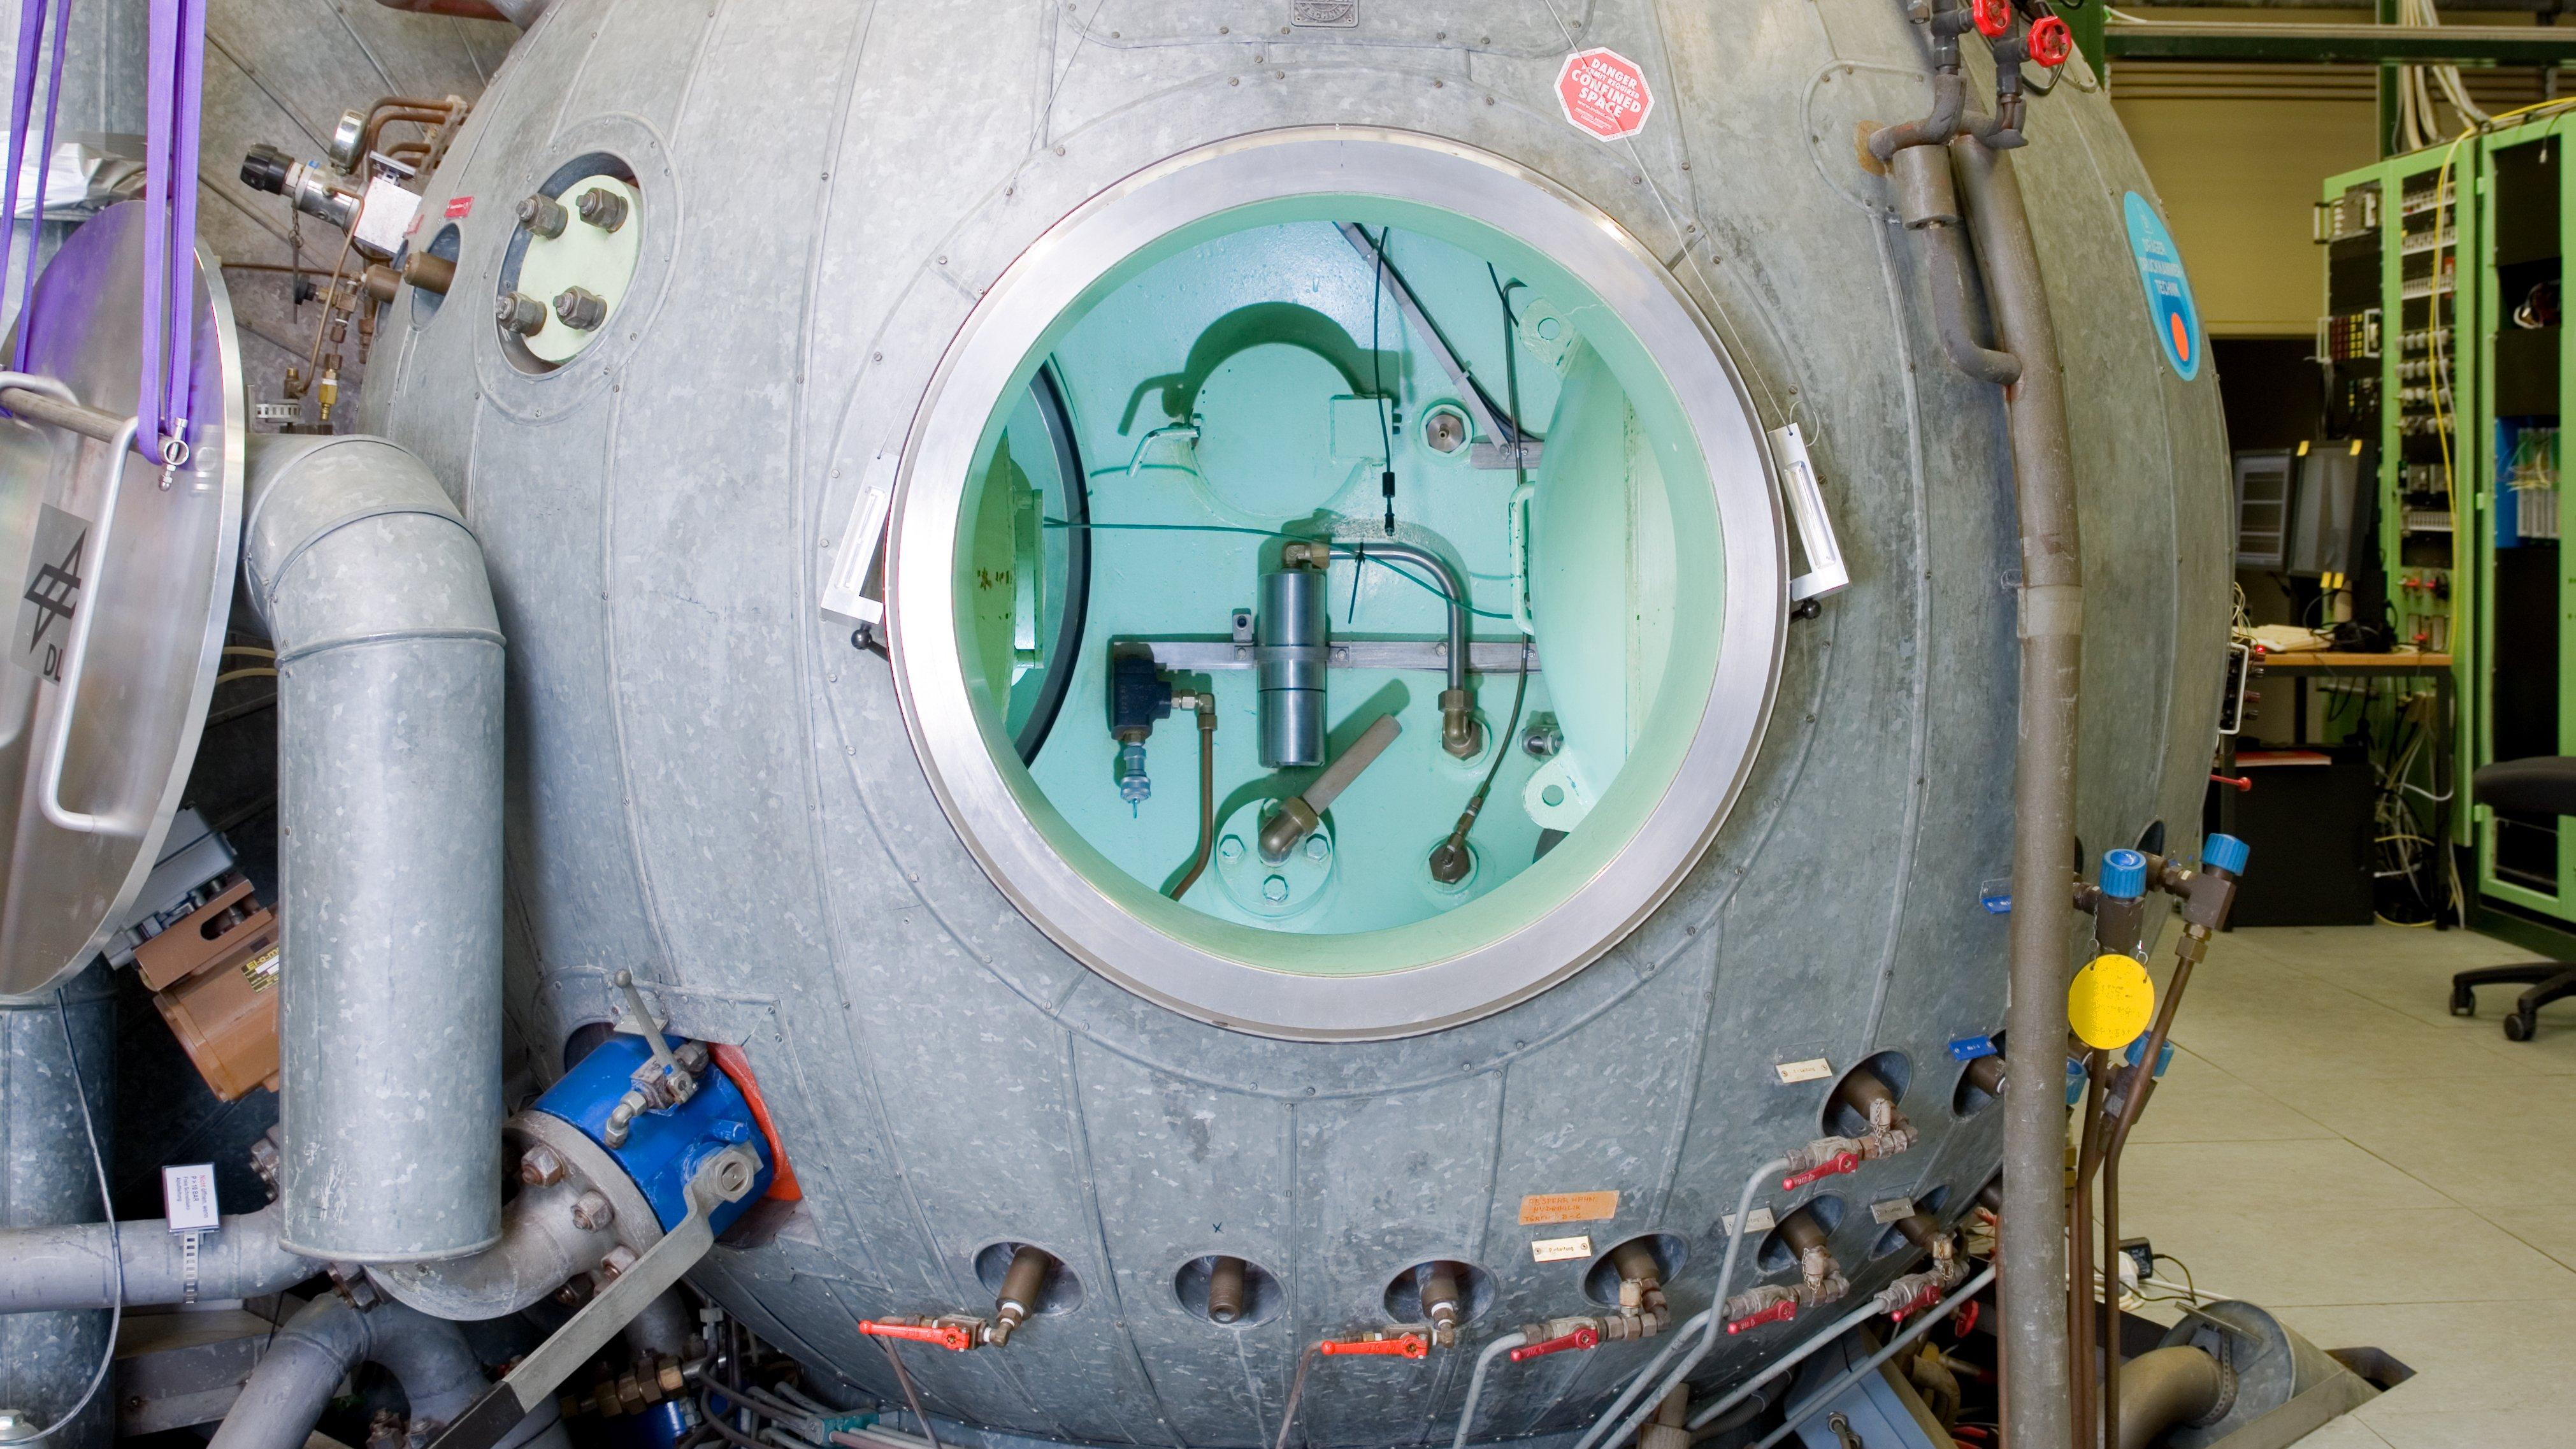 Detailaufnahme der Druckkammer.